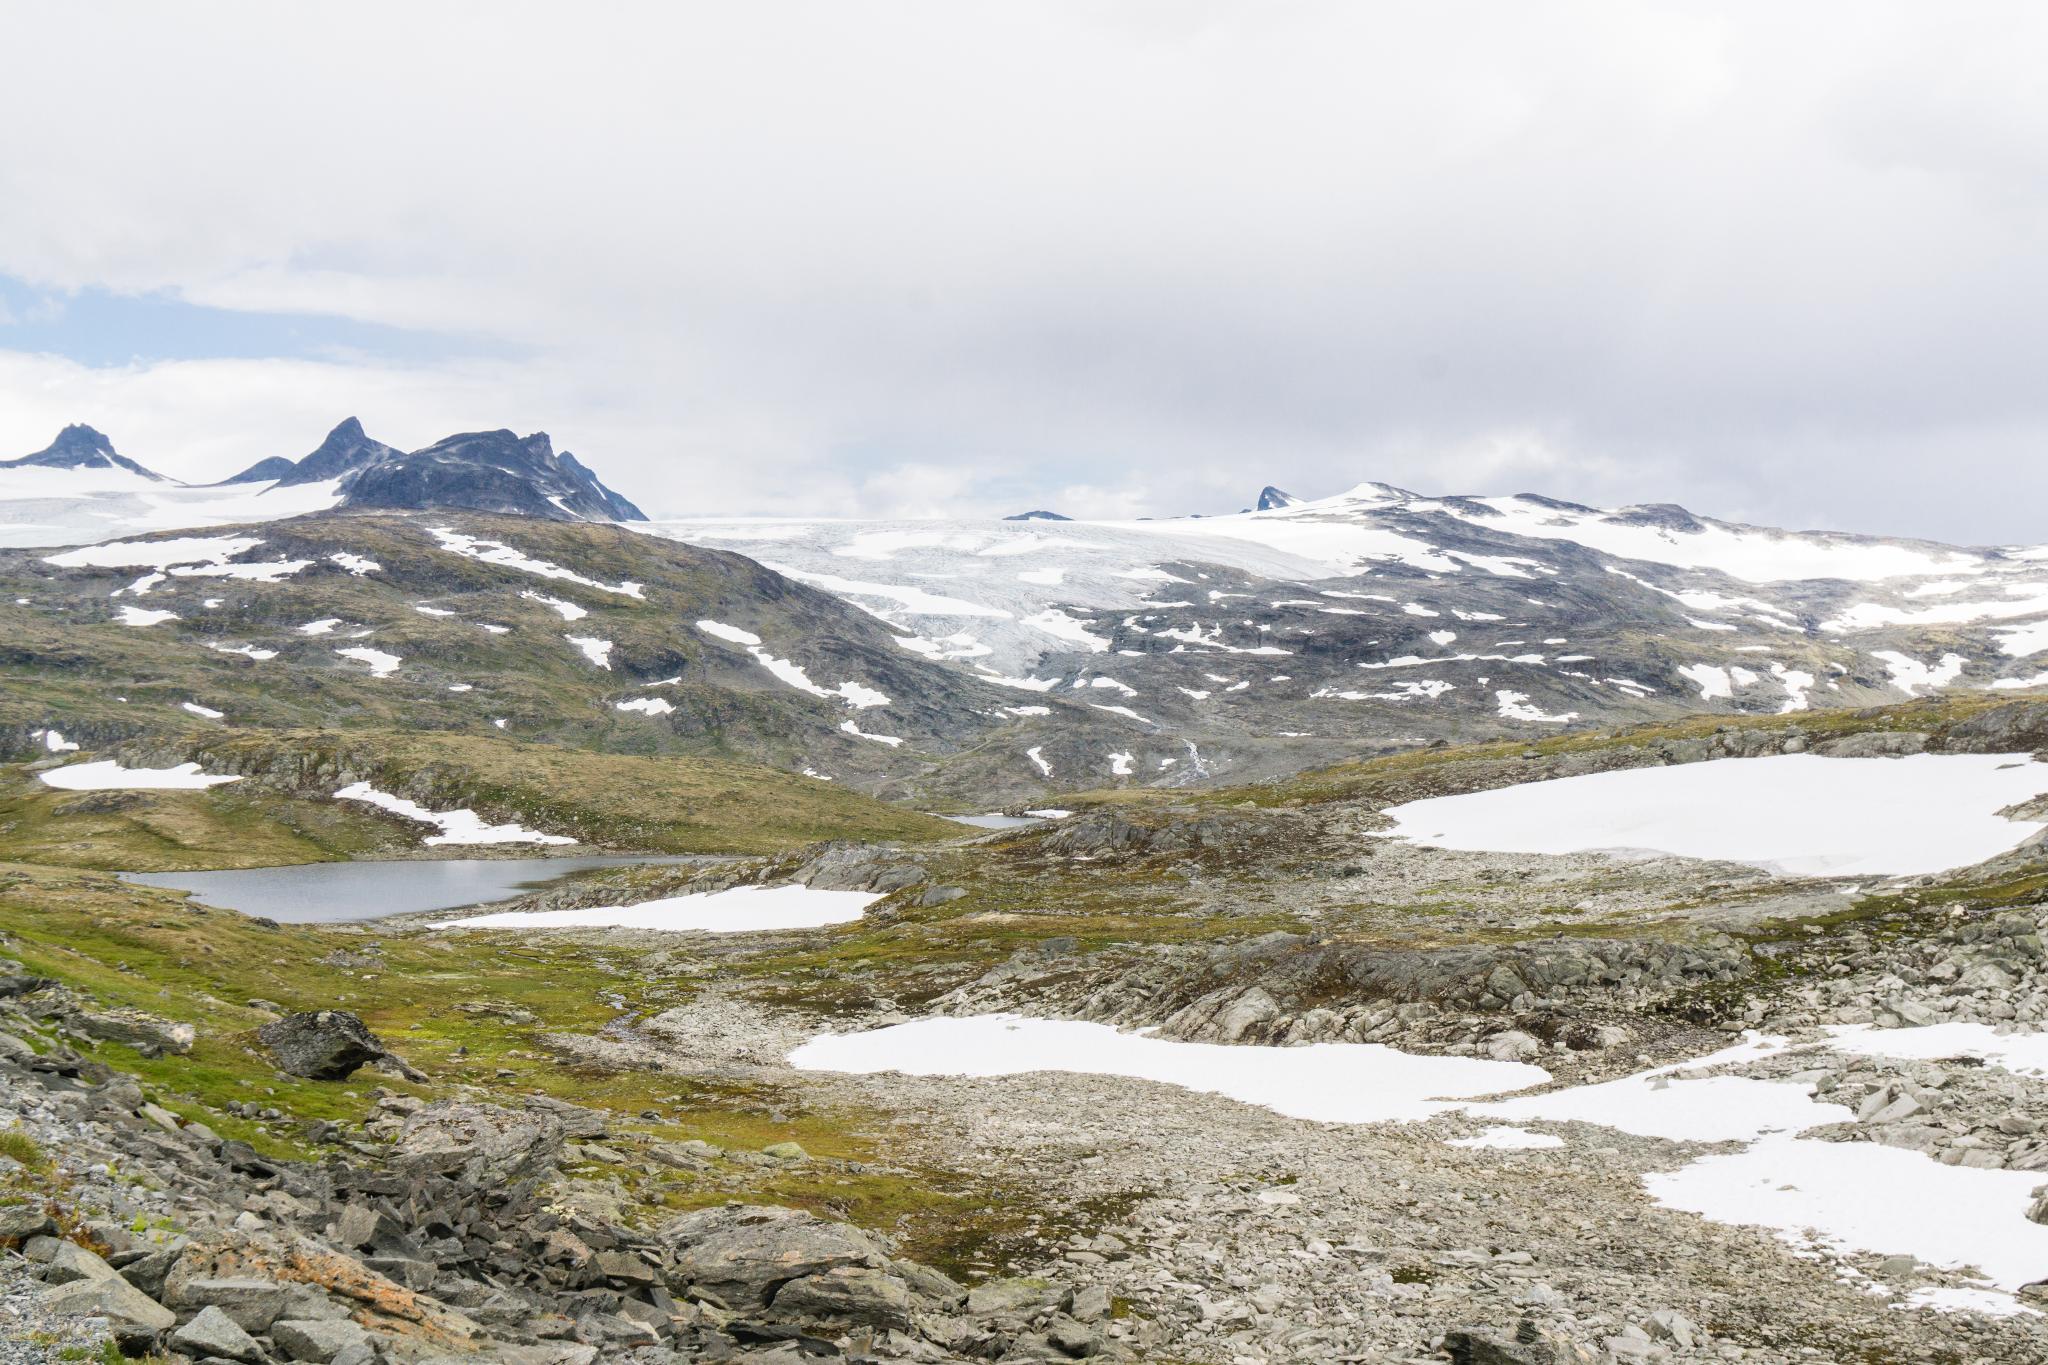 【北歐景點】穿越挪威的屋脊 - 前進北歐最美的冰原景觀公路 Fv55松恩山路 (Sognefjellet) 28